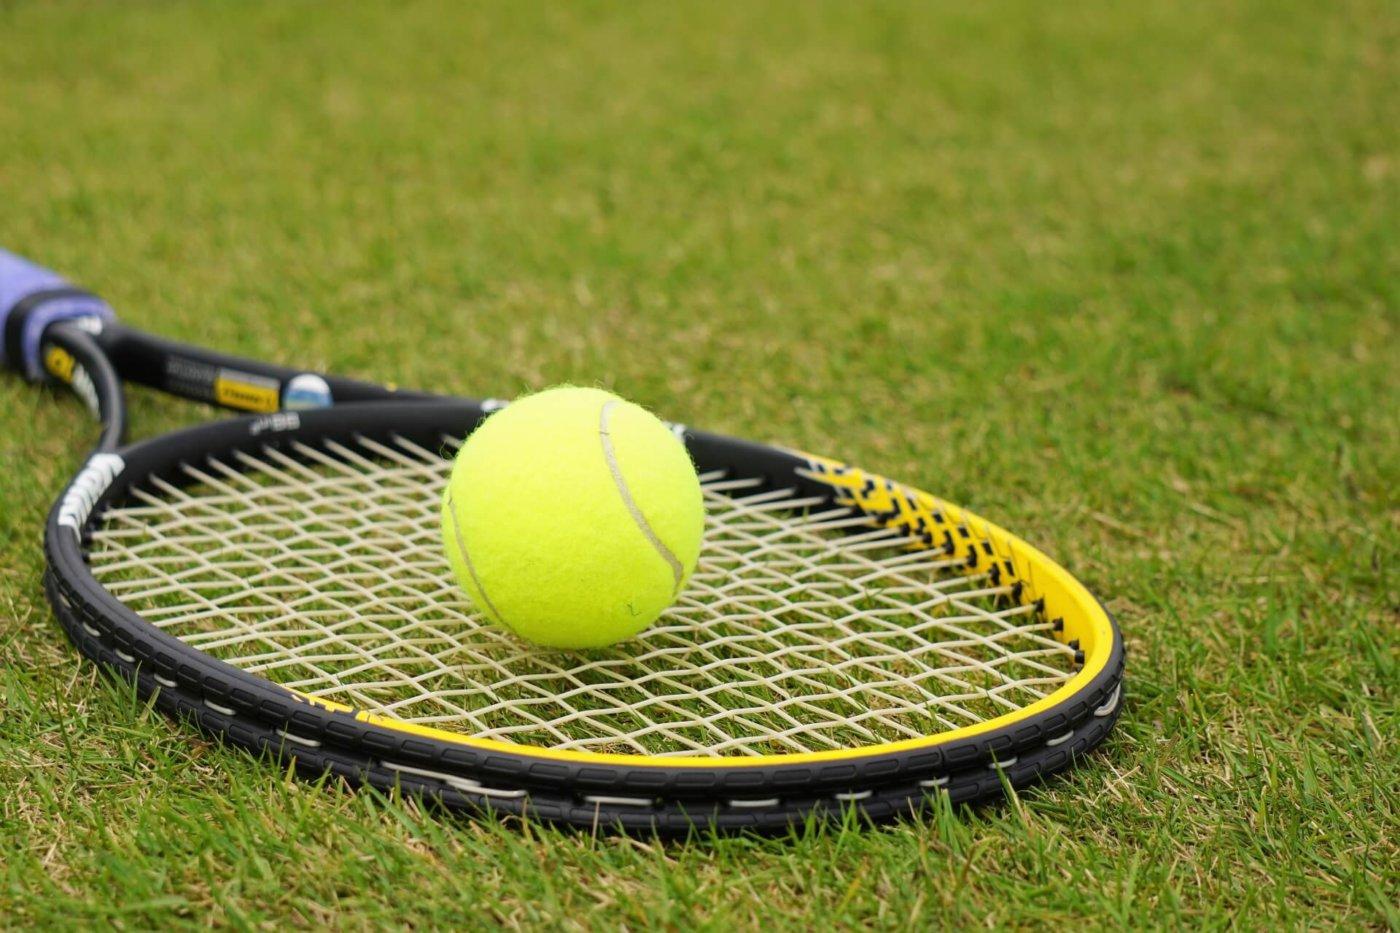 テニス初心者必見!ラケットについて勉強しよう!